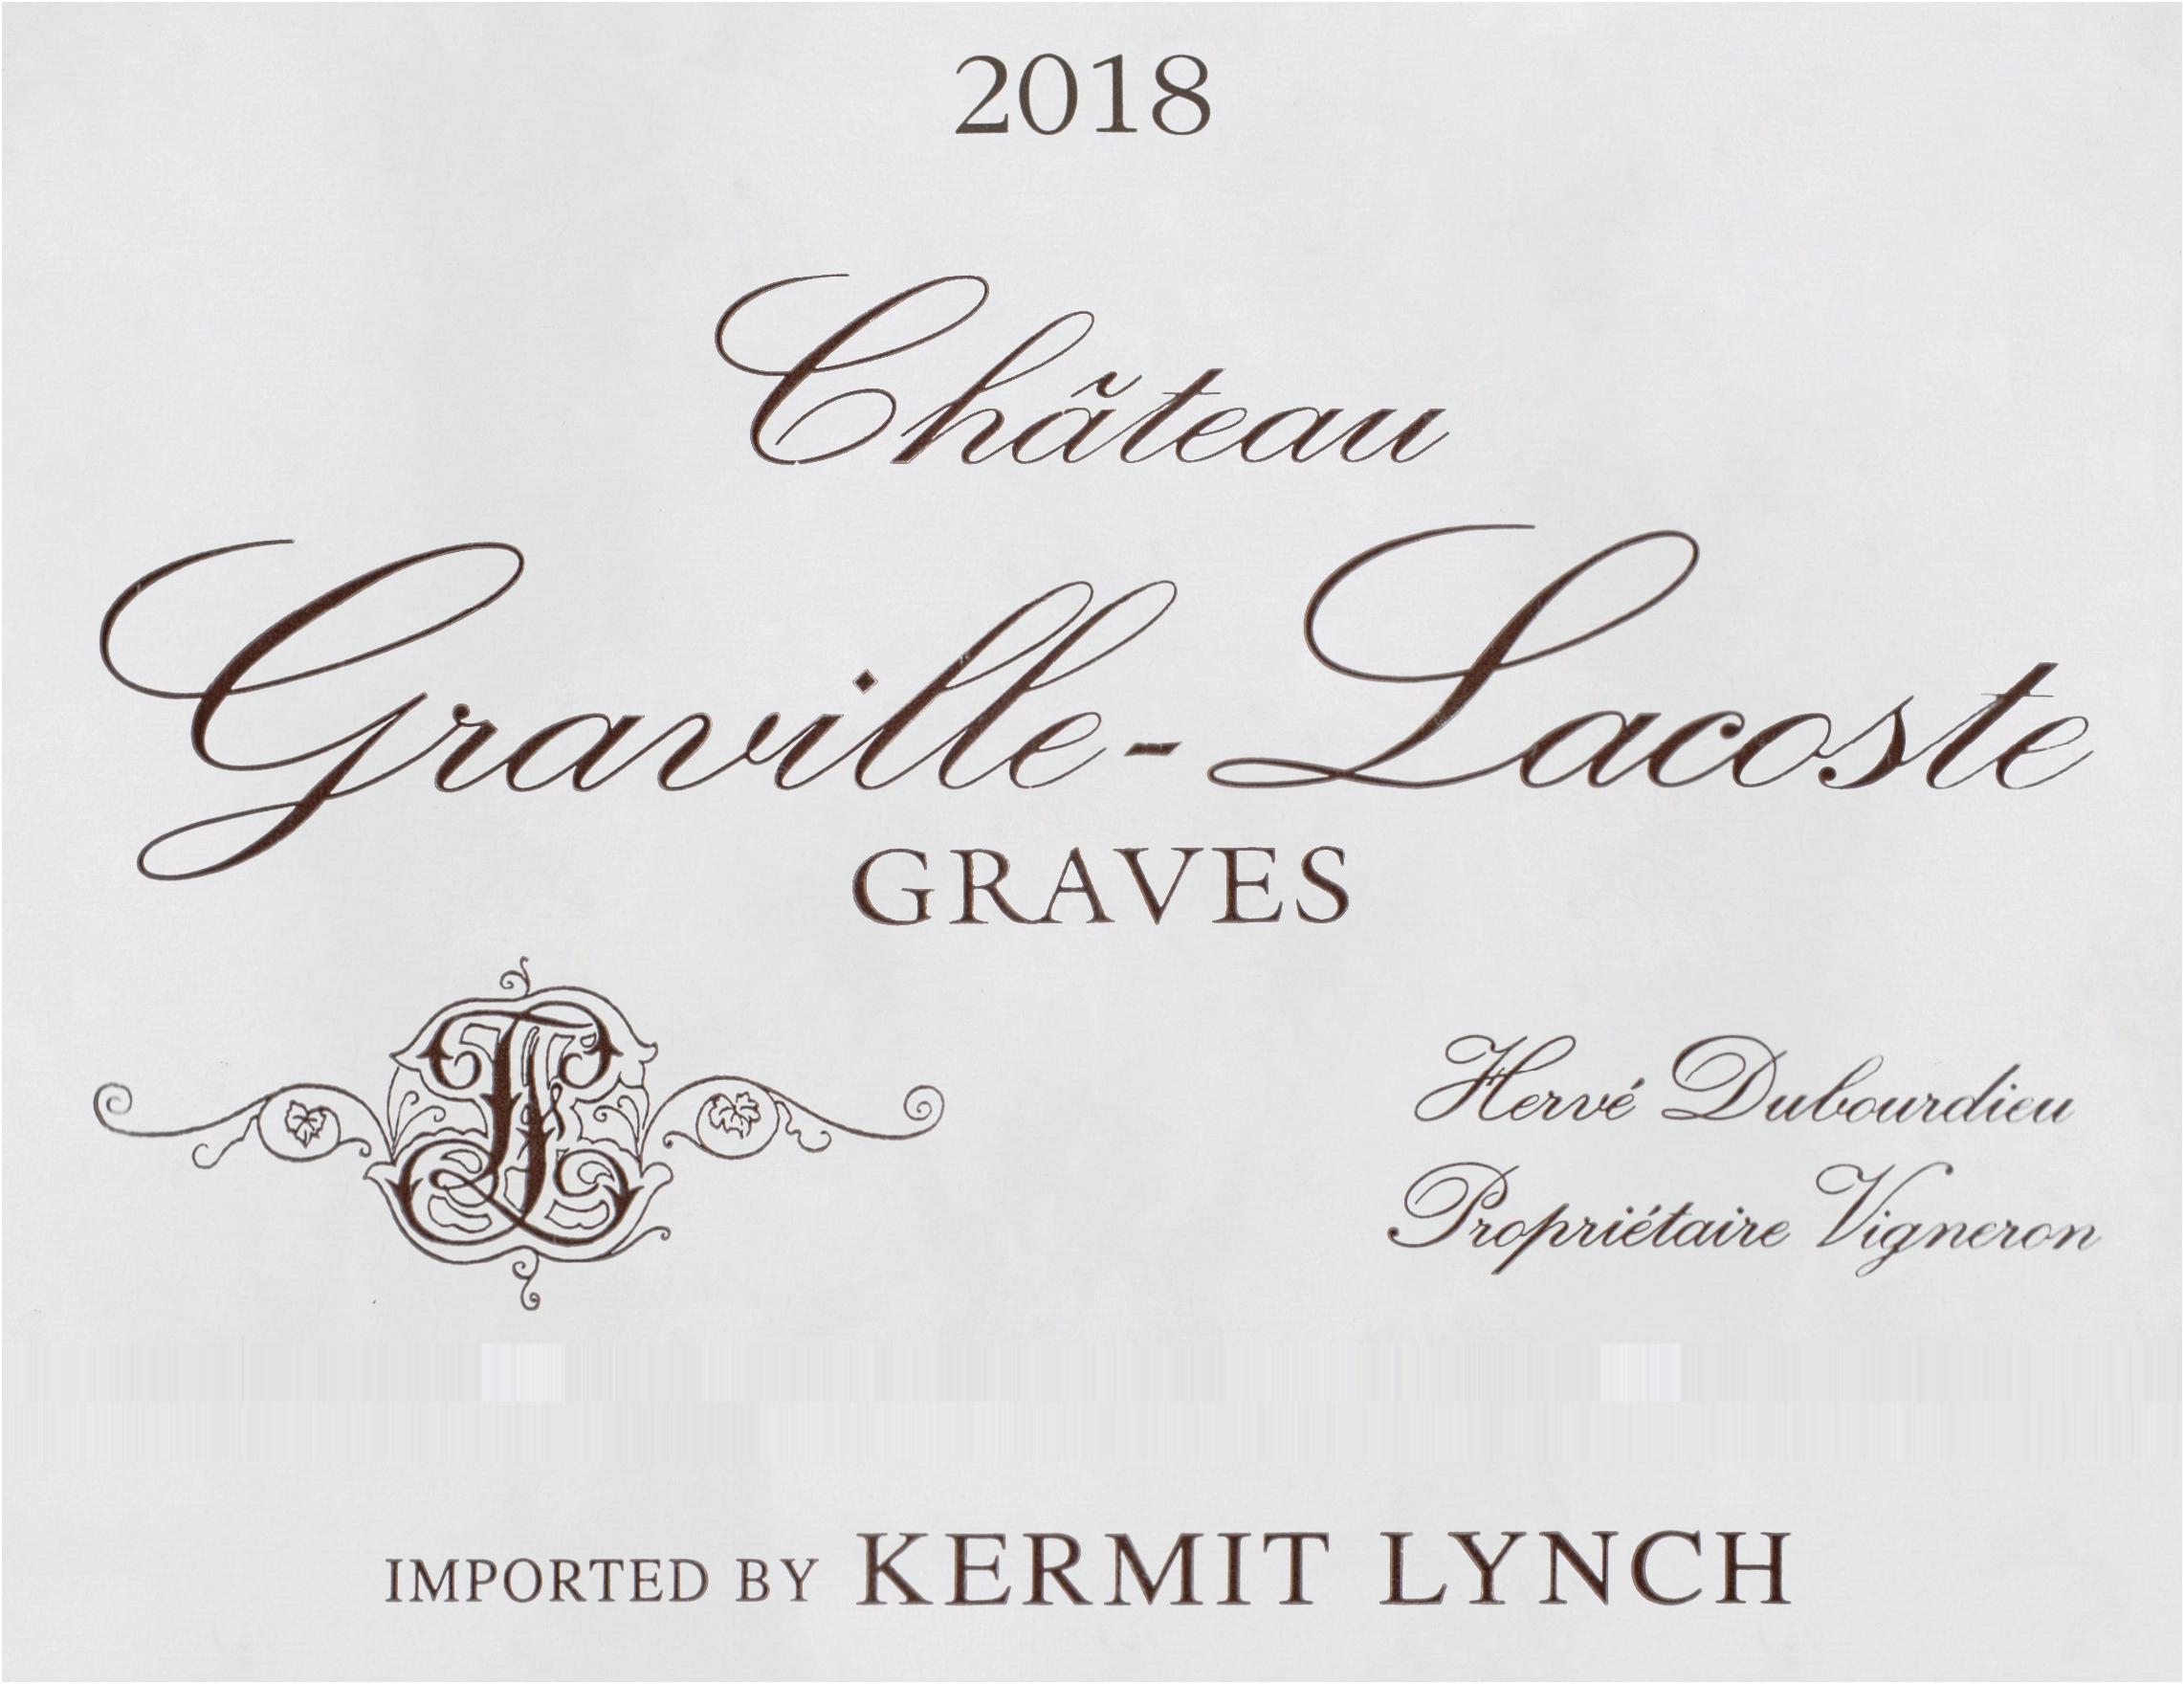 Chateau Graville Lacoste Graves Blanc 2018